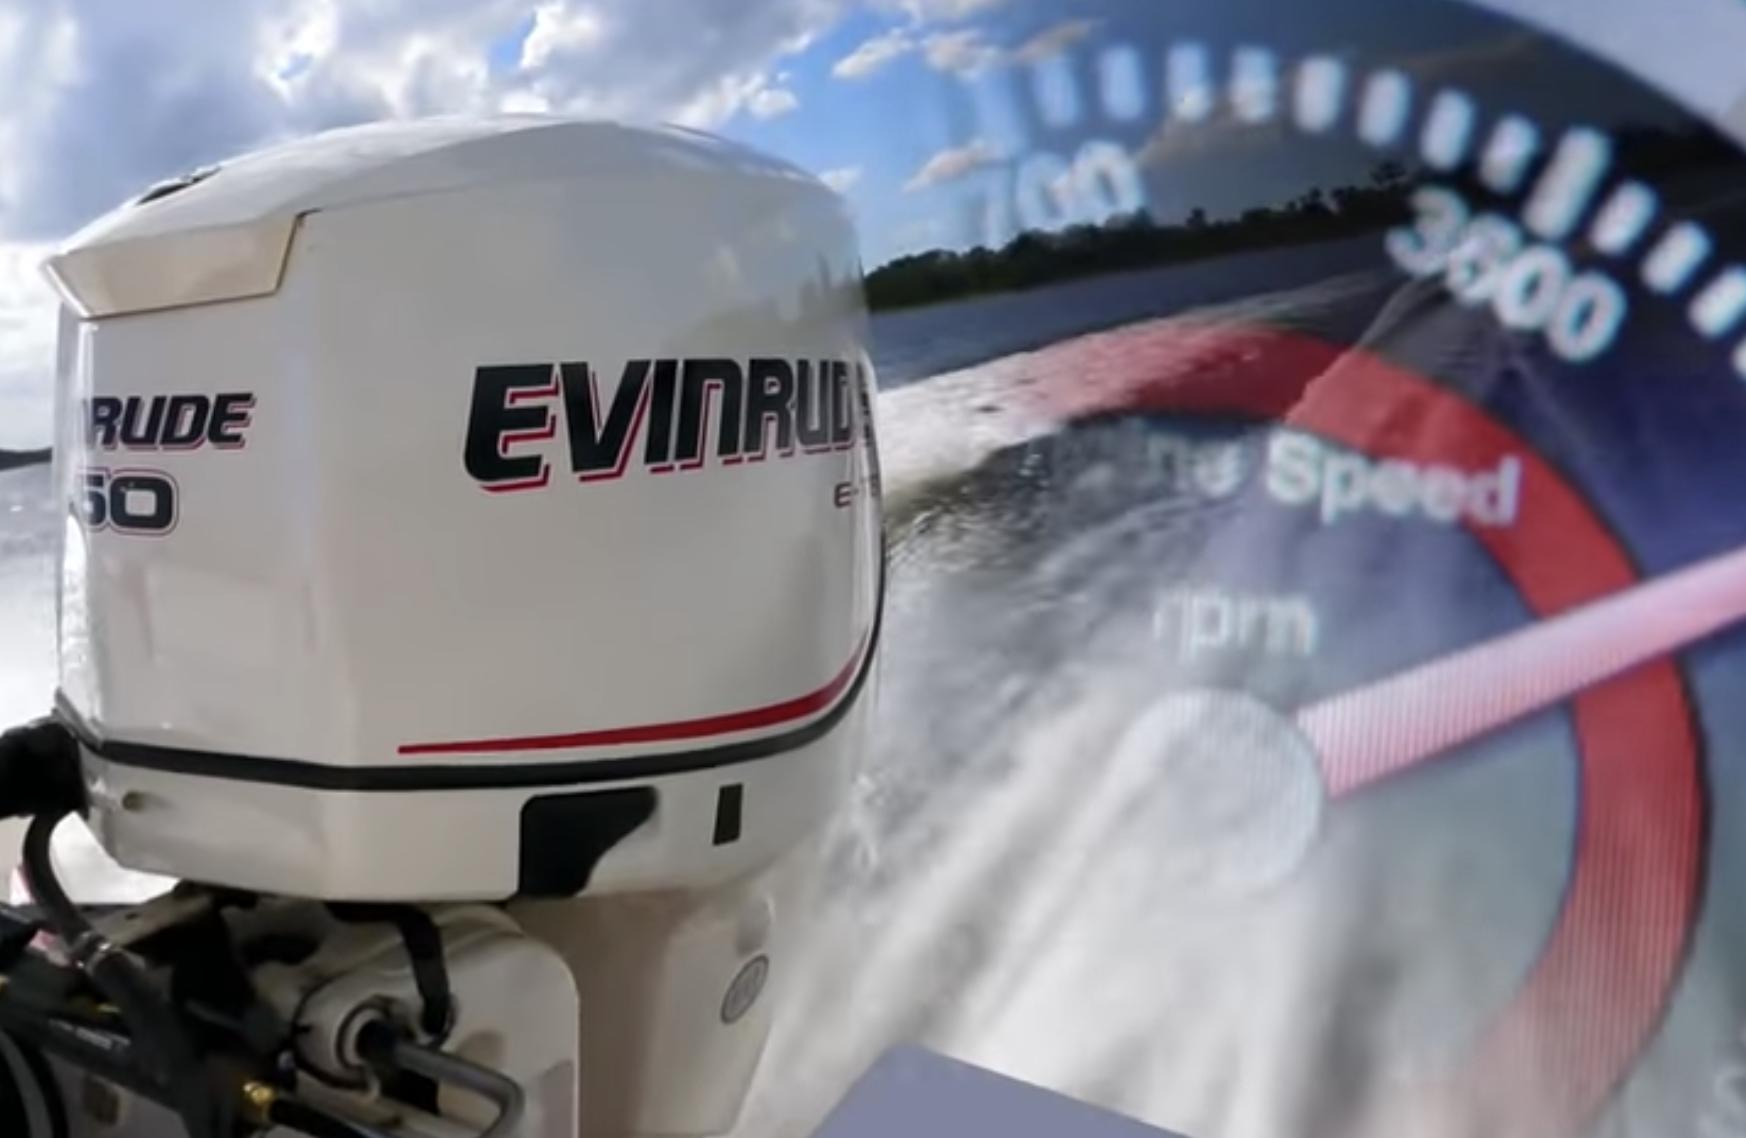 evinrude e tec repair manual 2012 115 130 150 175 hp rh autopartsrepairs com Evinrude E-TEC 115 Evinrude Parts